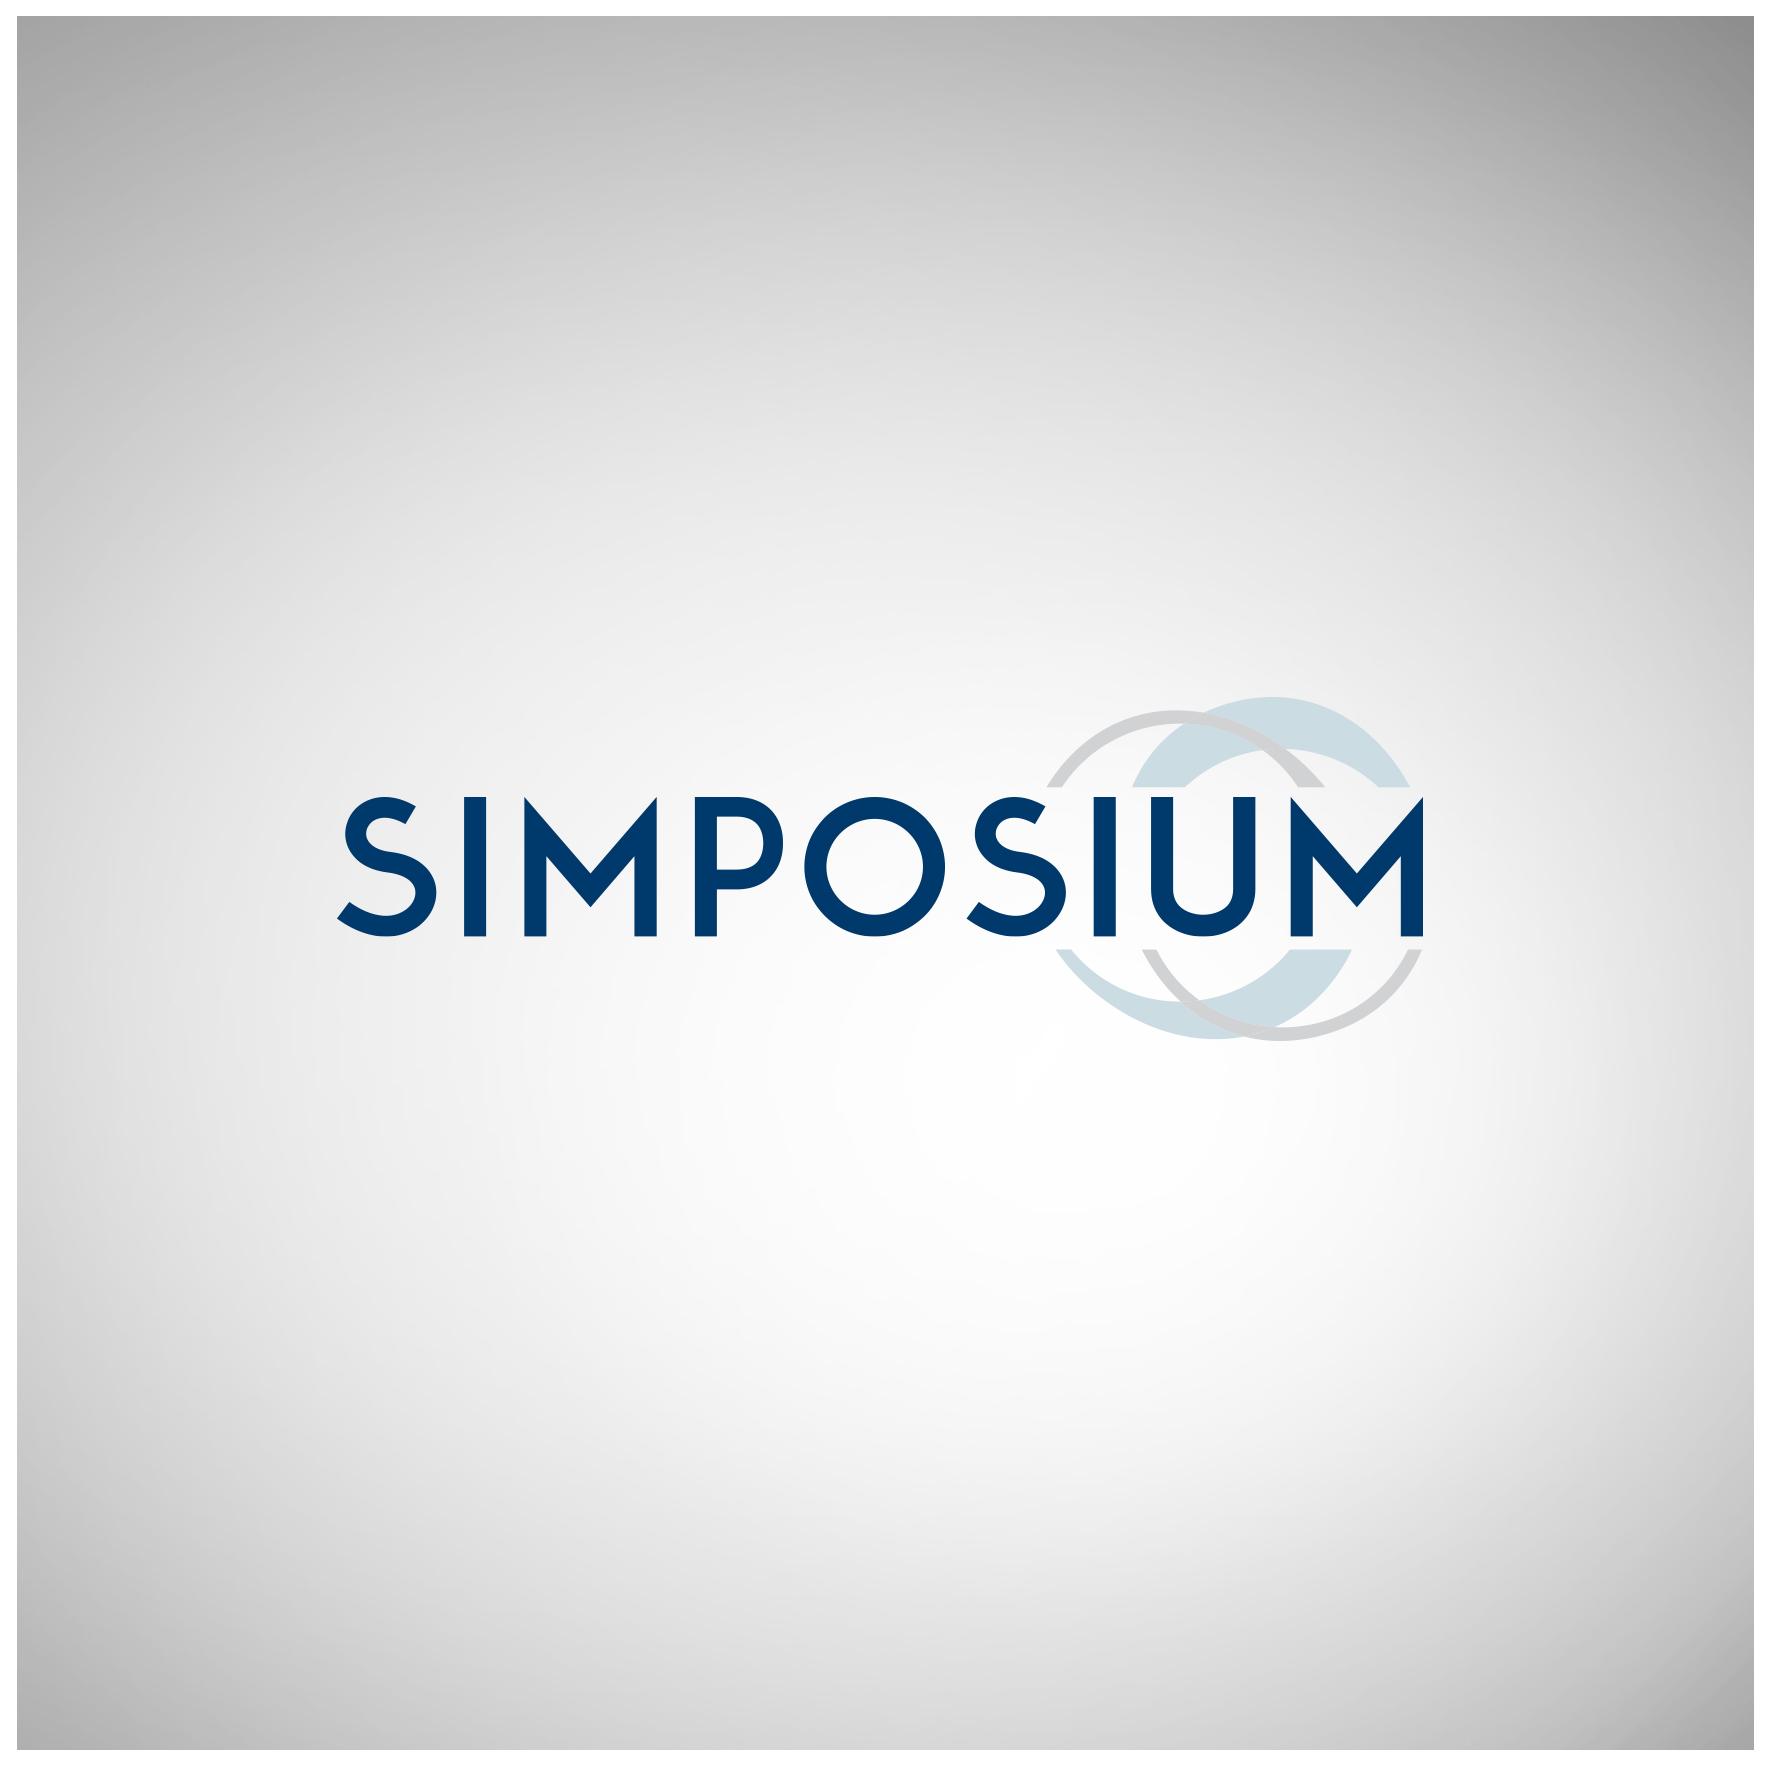 Diseño de logotipo simposium